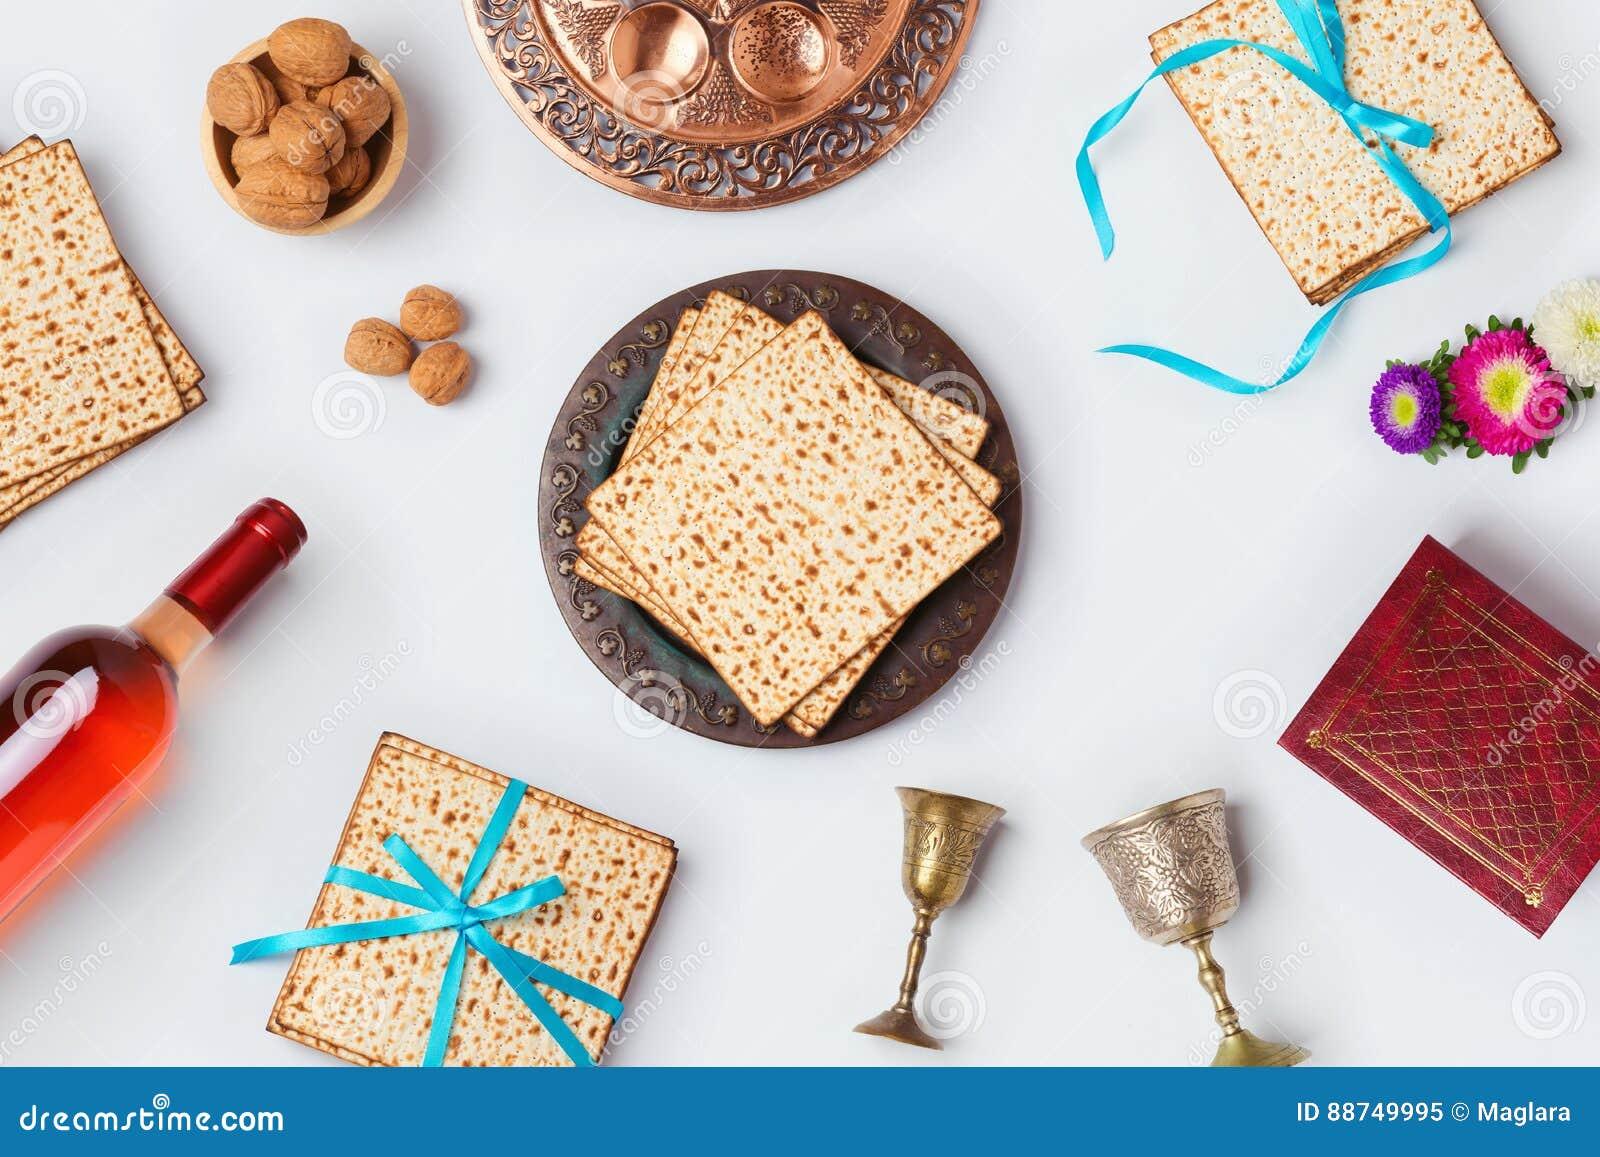 Jüdisches Passahfestfeiertag Pesah-Feierkonzept mit Matzoh, Wein und seder Platte über weißem Hintergrund Ansicht von oben flache